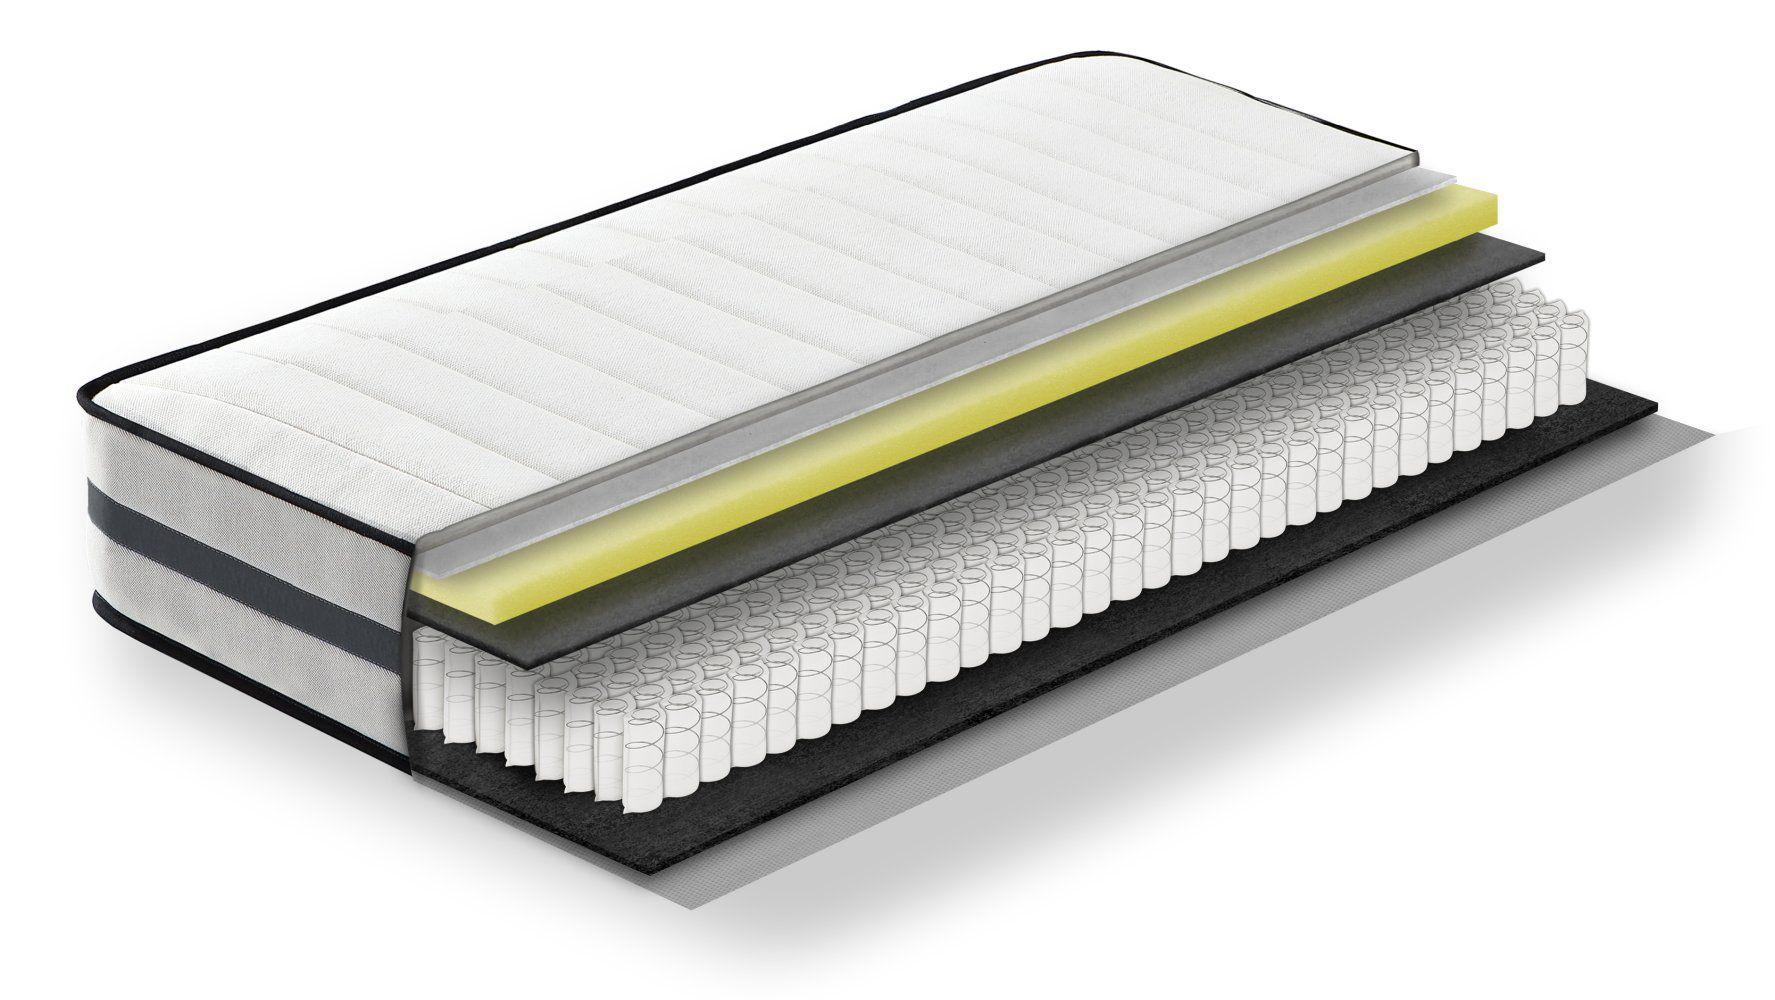 Steiner Premium Matratze Fantasy mit Taschenfederkern - Größe: 120 x 200 cm, Härtegrad H2-H3, Höhe: 22,5 cm